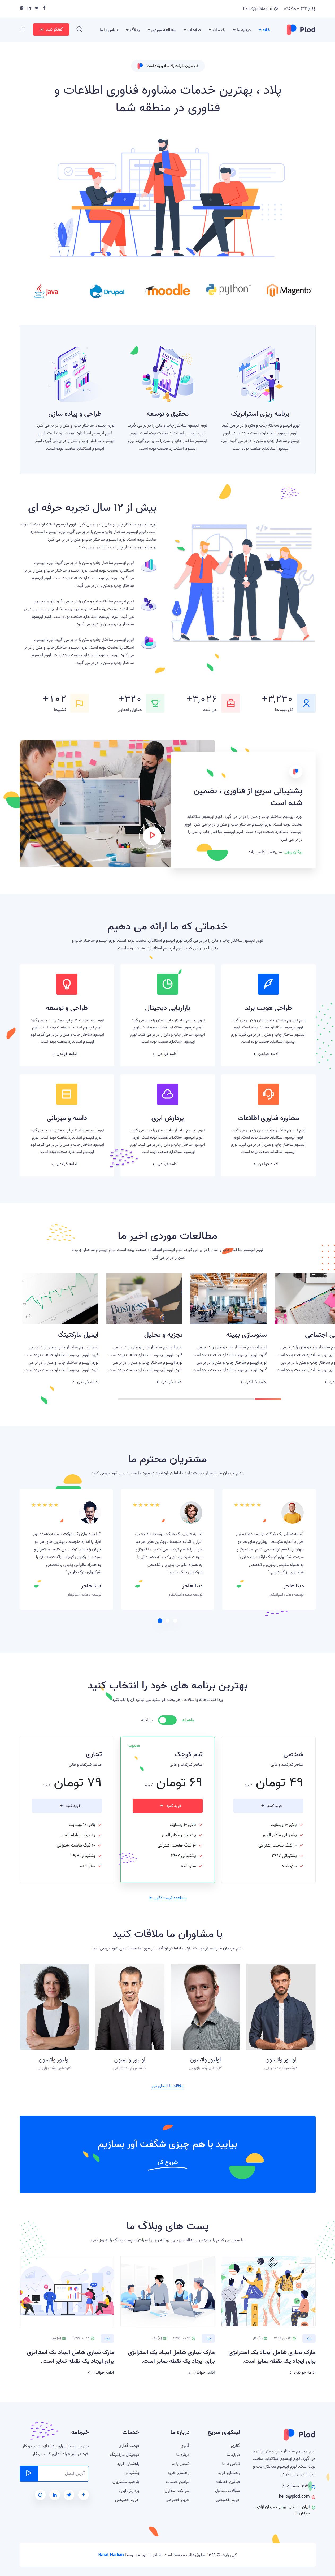 صفحات قالب HTML دیجیتال مارکتینگ و تکنولوژی IT پلاد